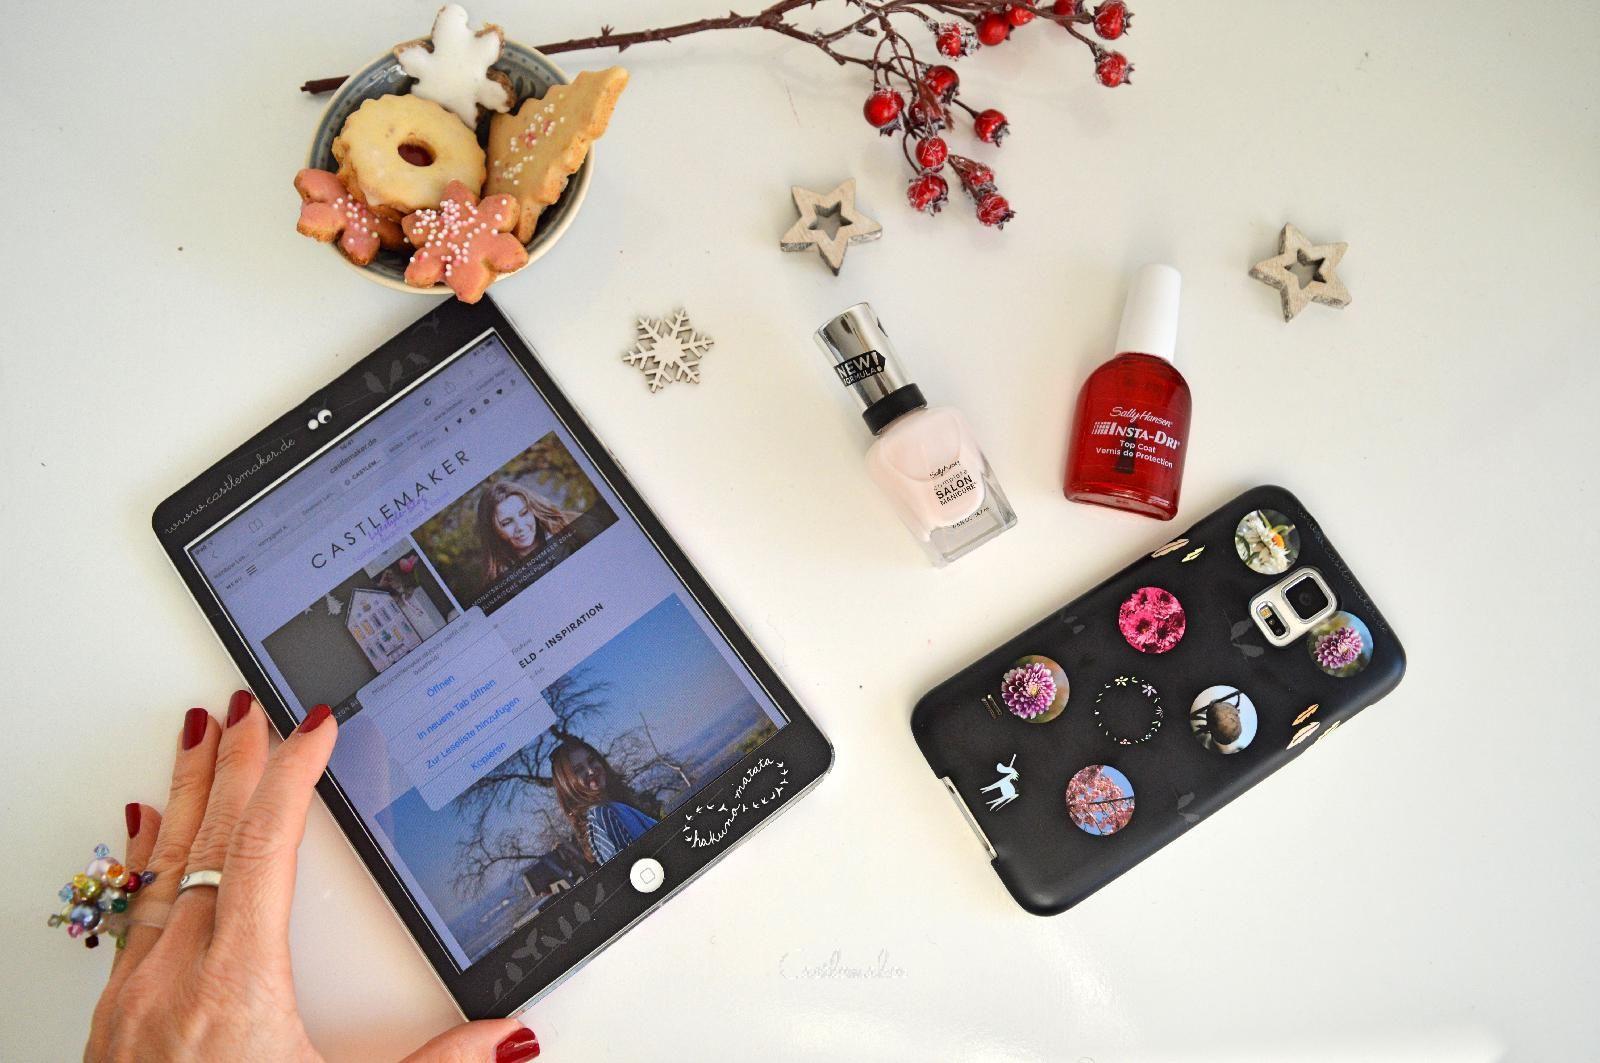 handyhuellen-gestalten-caseapp-ipad-huelle-online-lifestyle-samsung-galaxys5-4